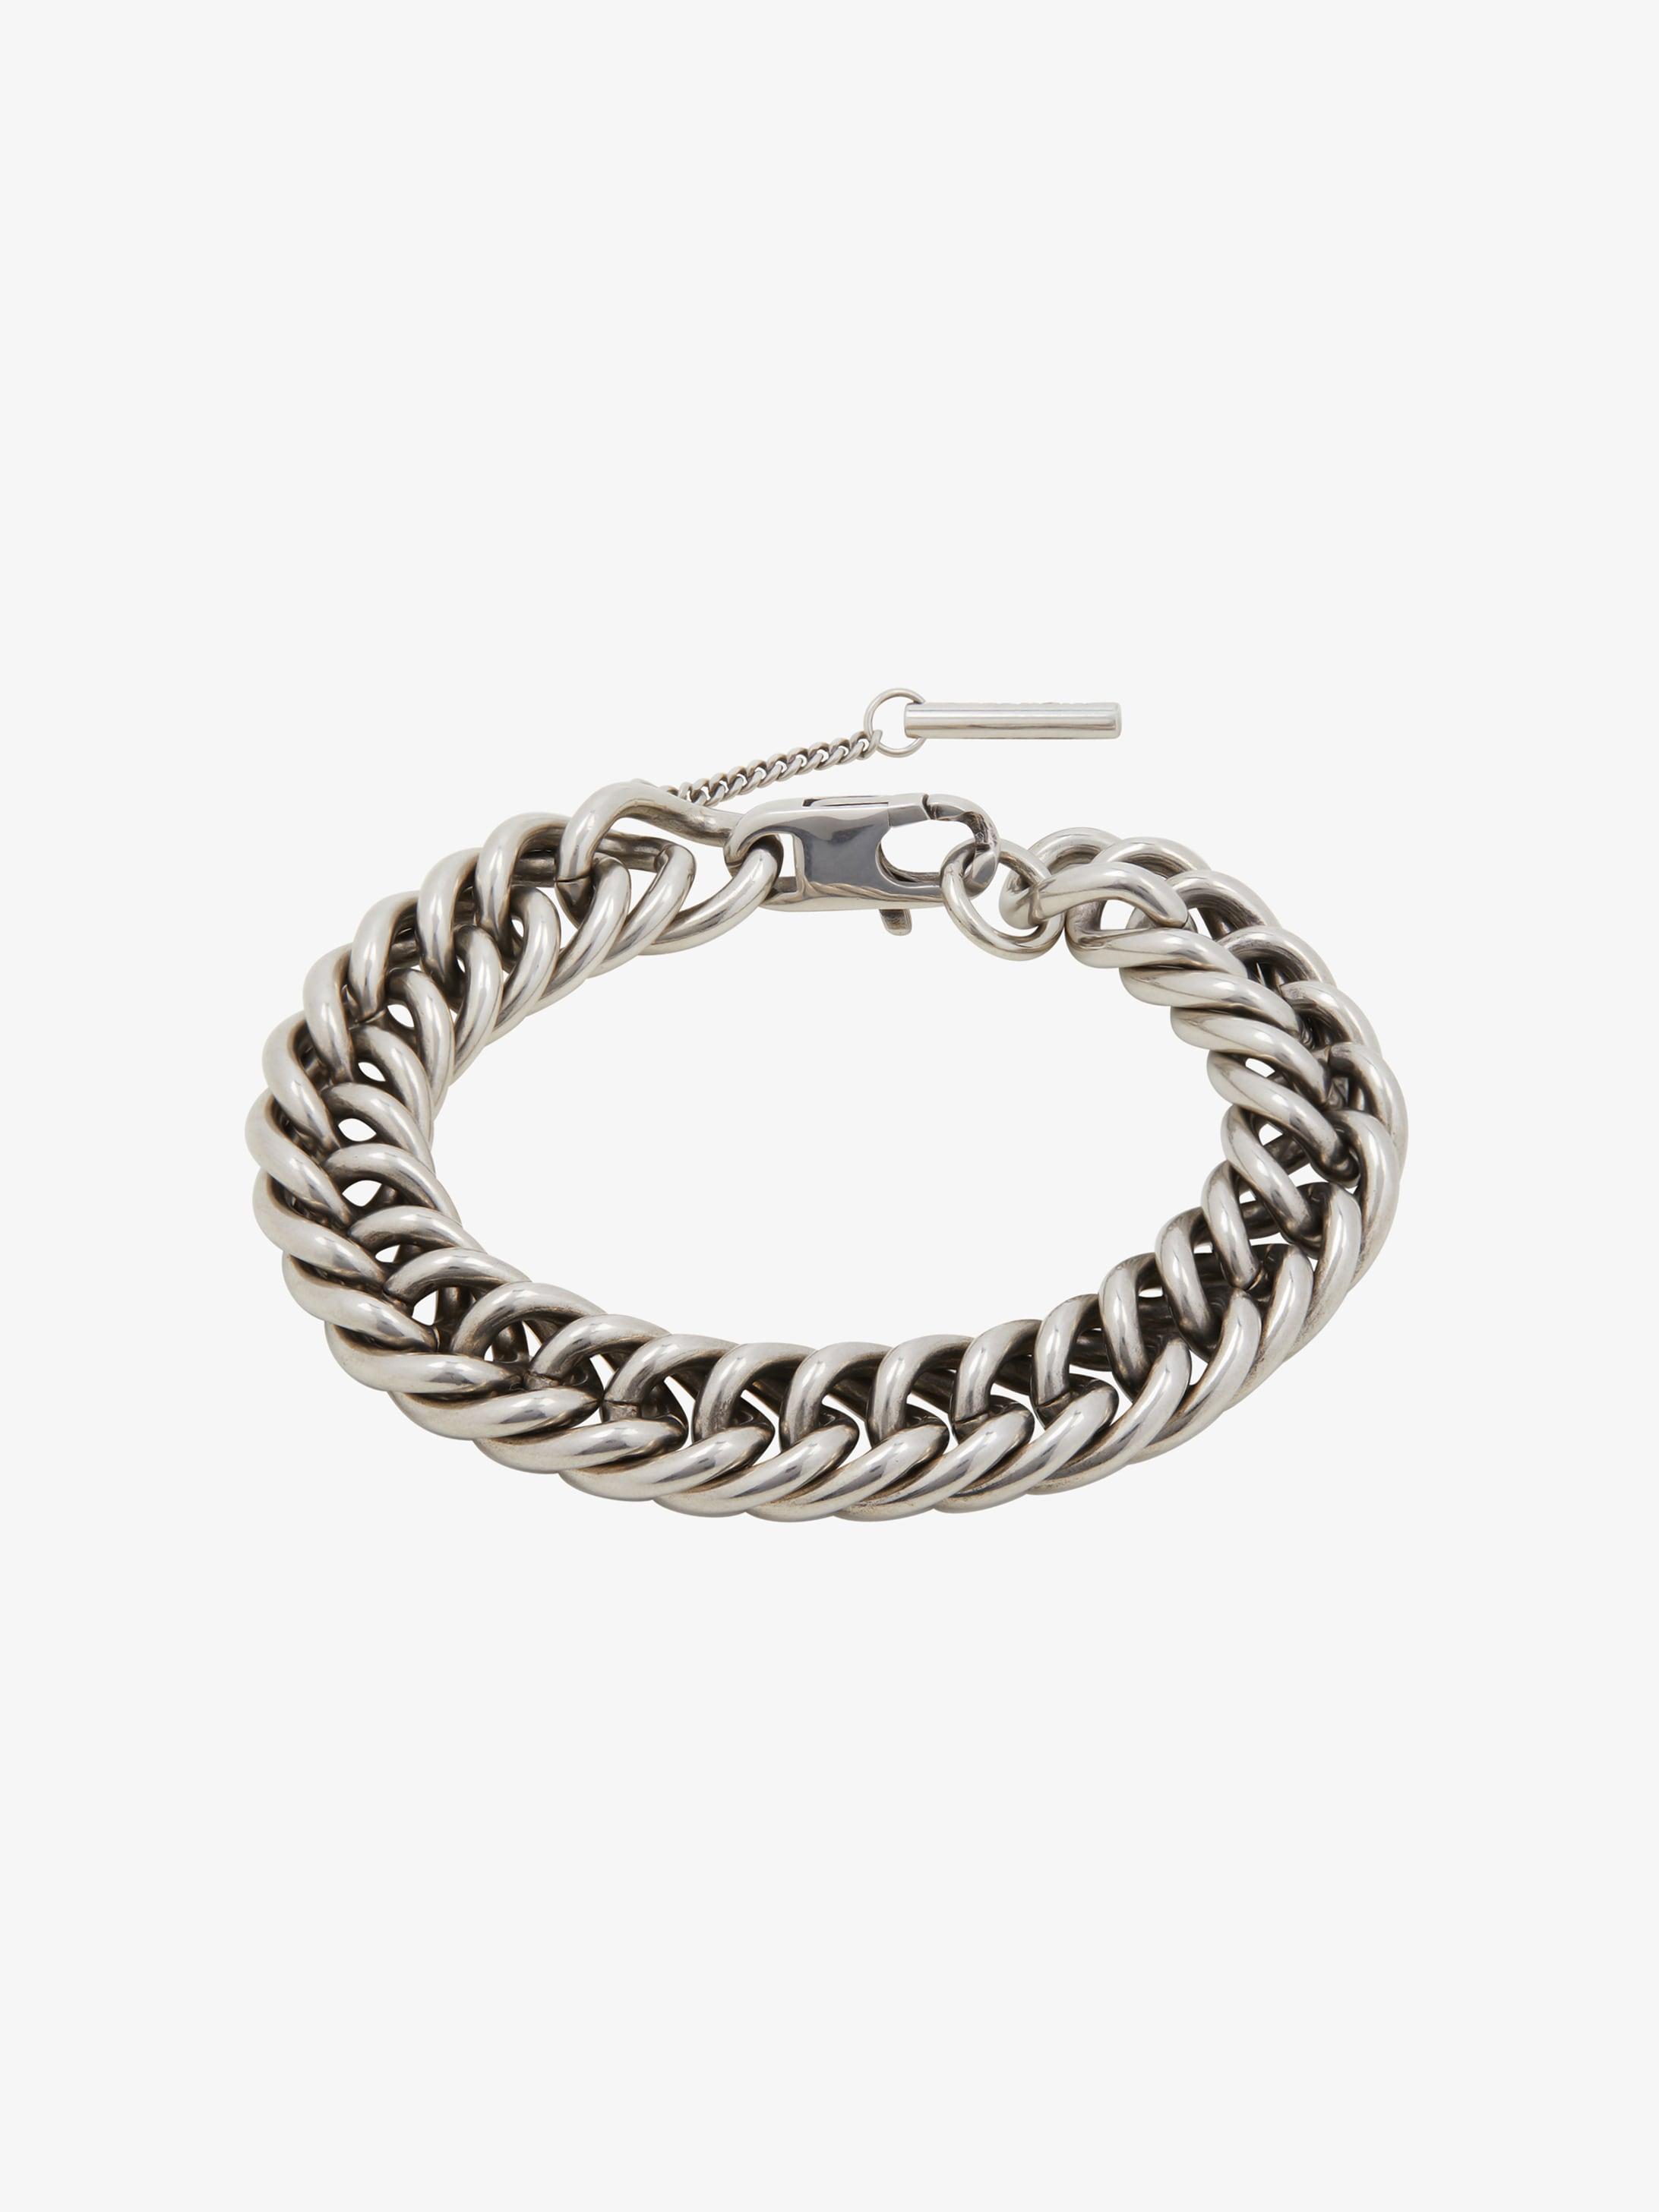 Chain bracelet in brass